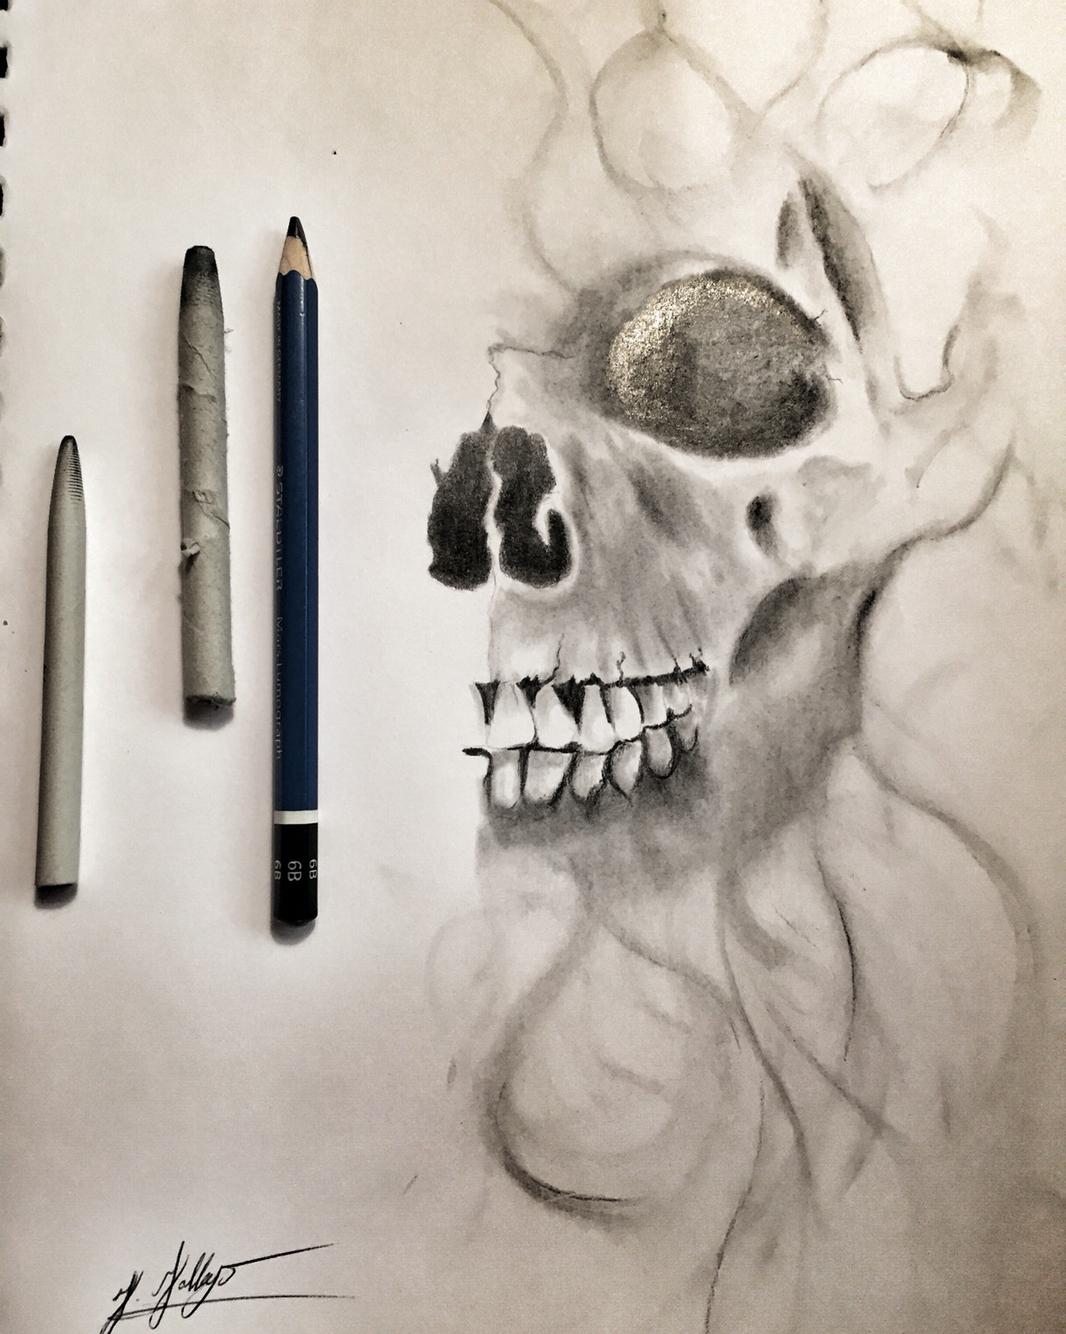 Drawn smokey skull My Smokey skull My My